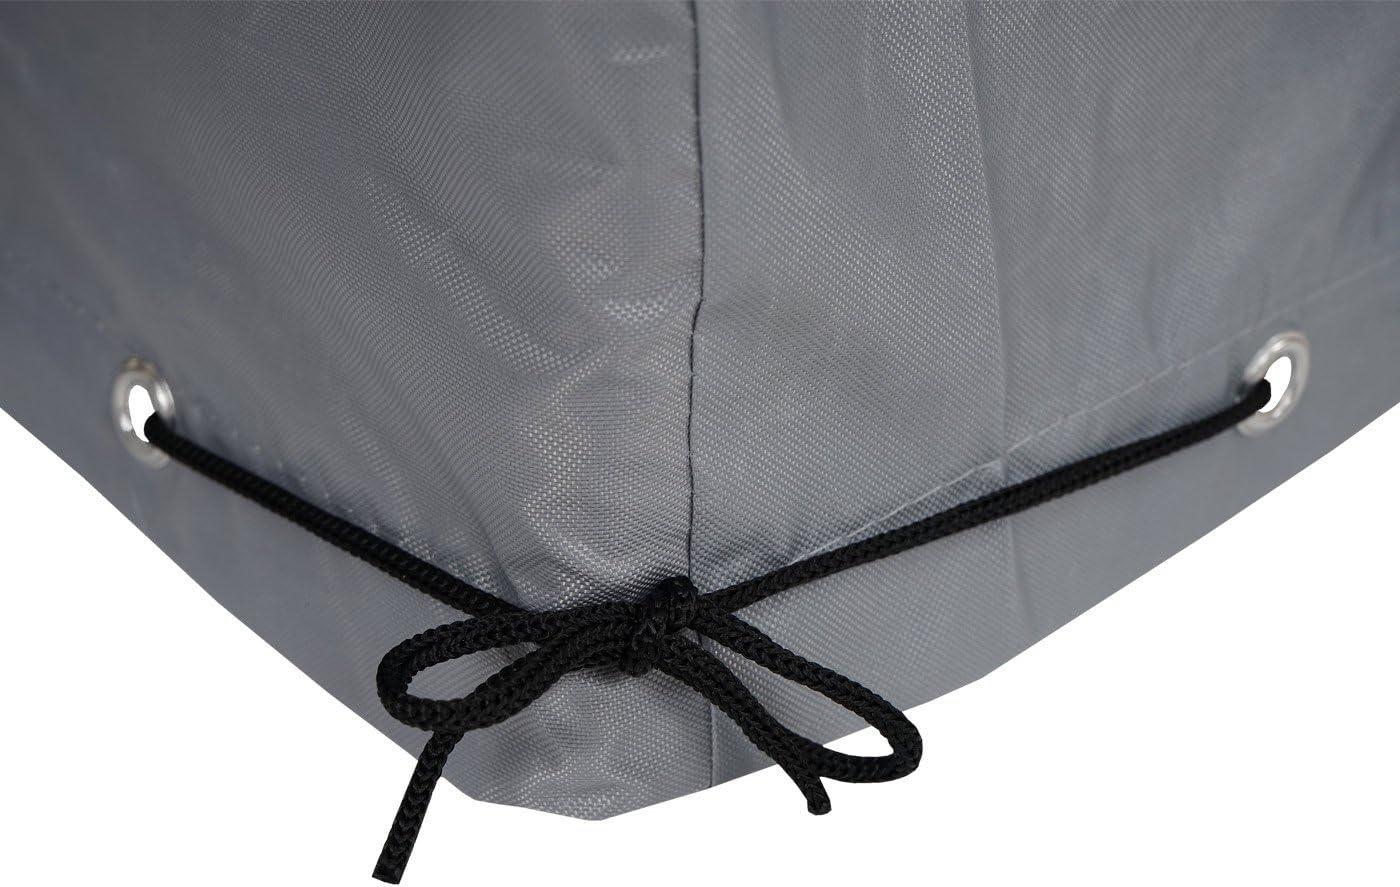 Telo di copertura mobili da giardino in poliestere 180x120x75cm